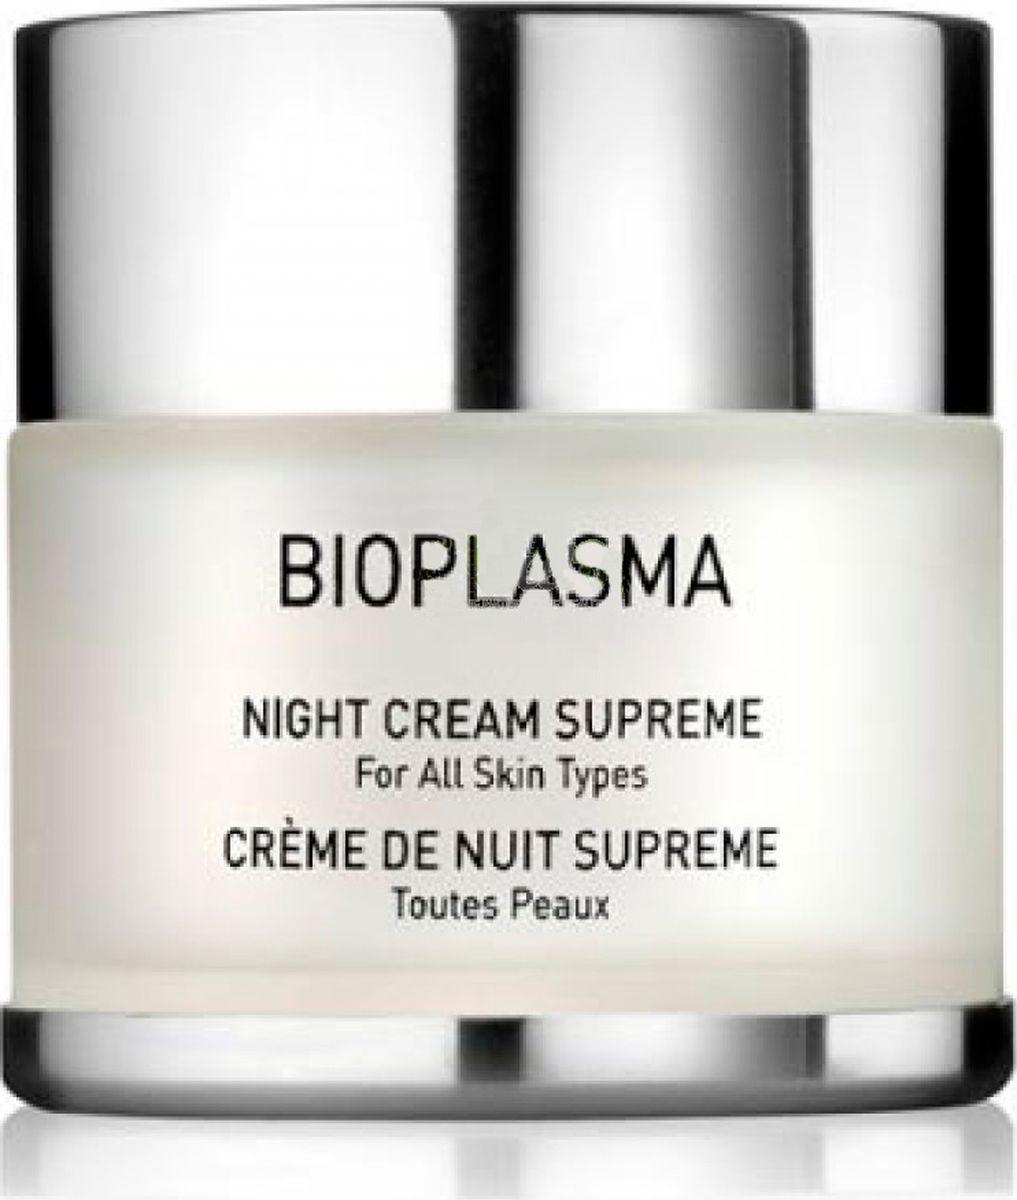 GIGI Крем энергетический ночной Суприм Bioplasma BP Night Creame Supreme, 50 млgi24036Питательный ночной крем богатой текстуры мгновенно впитывается, повышает уровень влаги, замедляет процессы увядания кожи, способствует ночной регенерации кожи, делает ее к утру моложе, она снова приобретает ровный и здоровый цвет, становится более гладкой и упругой. Кроме этого стимулирует клеточное дыхание, нормализует метаболизм и липидный обмен клеток. Придает коже здоровый и молодой вид. Нейтрализует свободные радикалы, стимулирует процесс обновления клеток. Активные компоненты: Биоплазма, Гель Алжир, Кальприан, Ламинарган, Кодиблан, Oleuropein. Результат: Разглаживает имеющиеся и предупреждает образование новых морщин. Оказывает сильное увлажняющее действие, а также интенсивно питает и смягчает кожу.